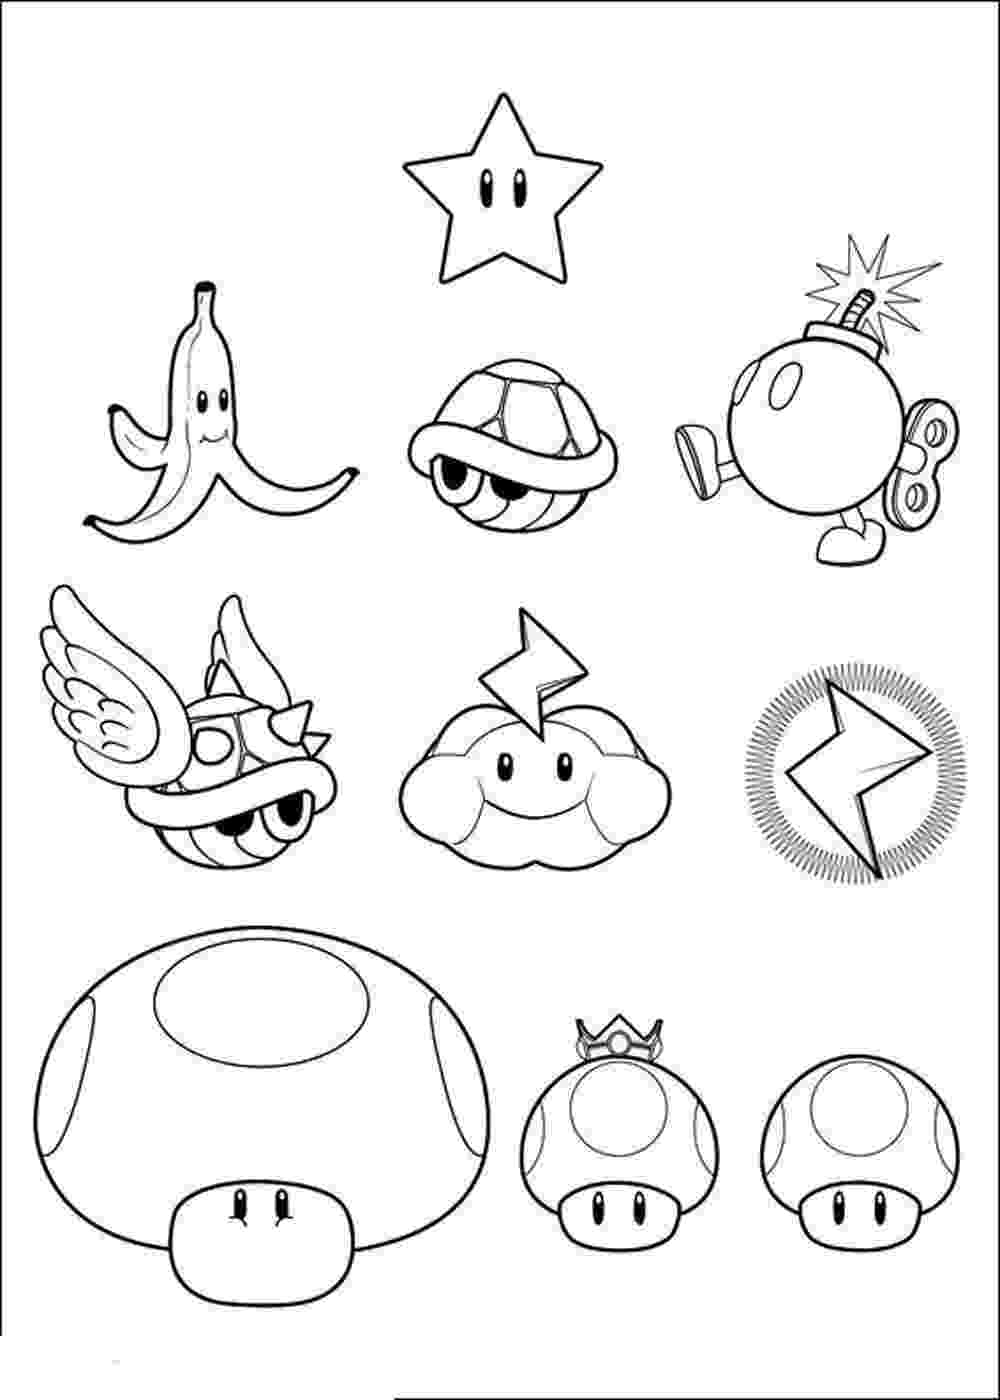 super mario bros printable coloring pages super mario coloring pages free printable coloring pages bros coloring pages super mario printable